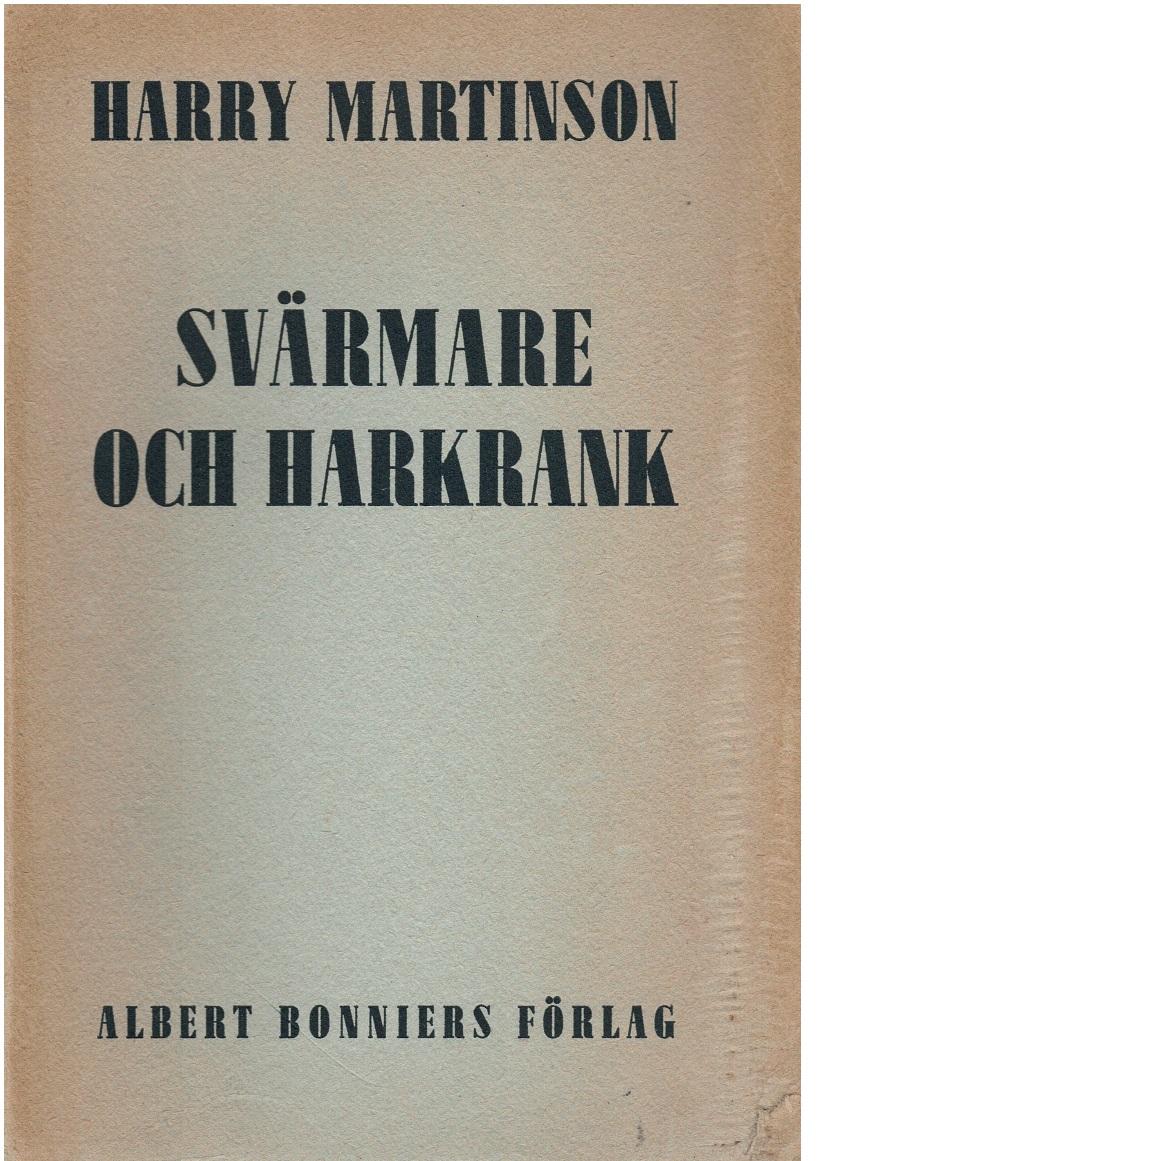 Svärmare och harkrank - Martinson, Harry